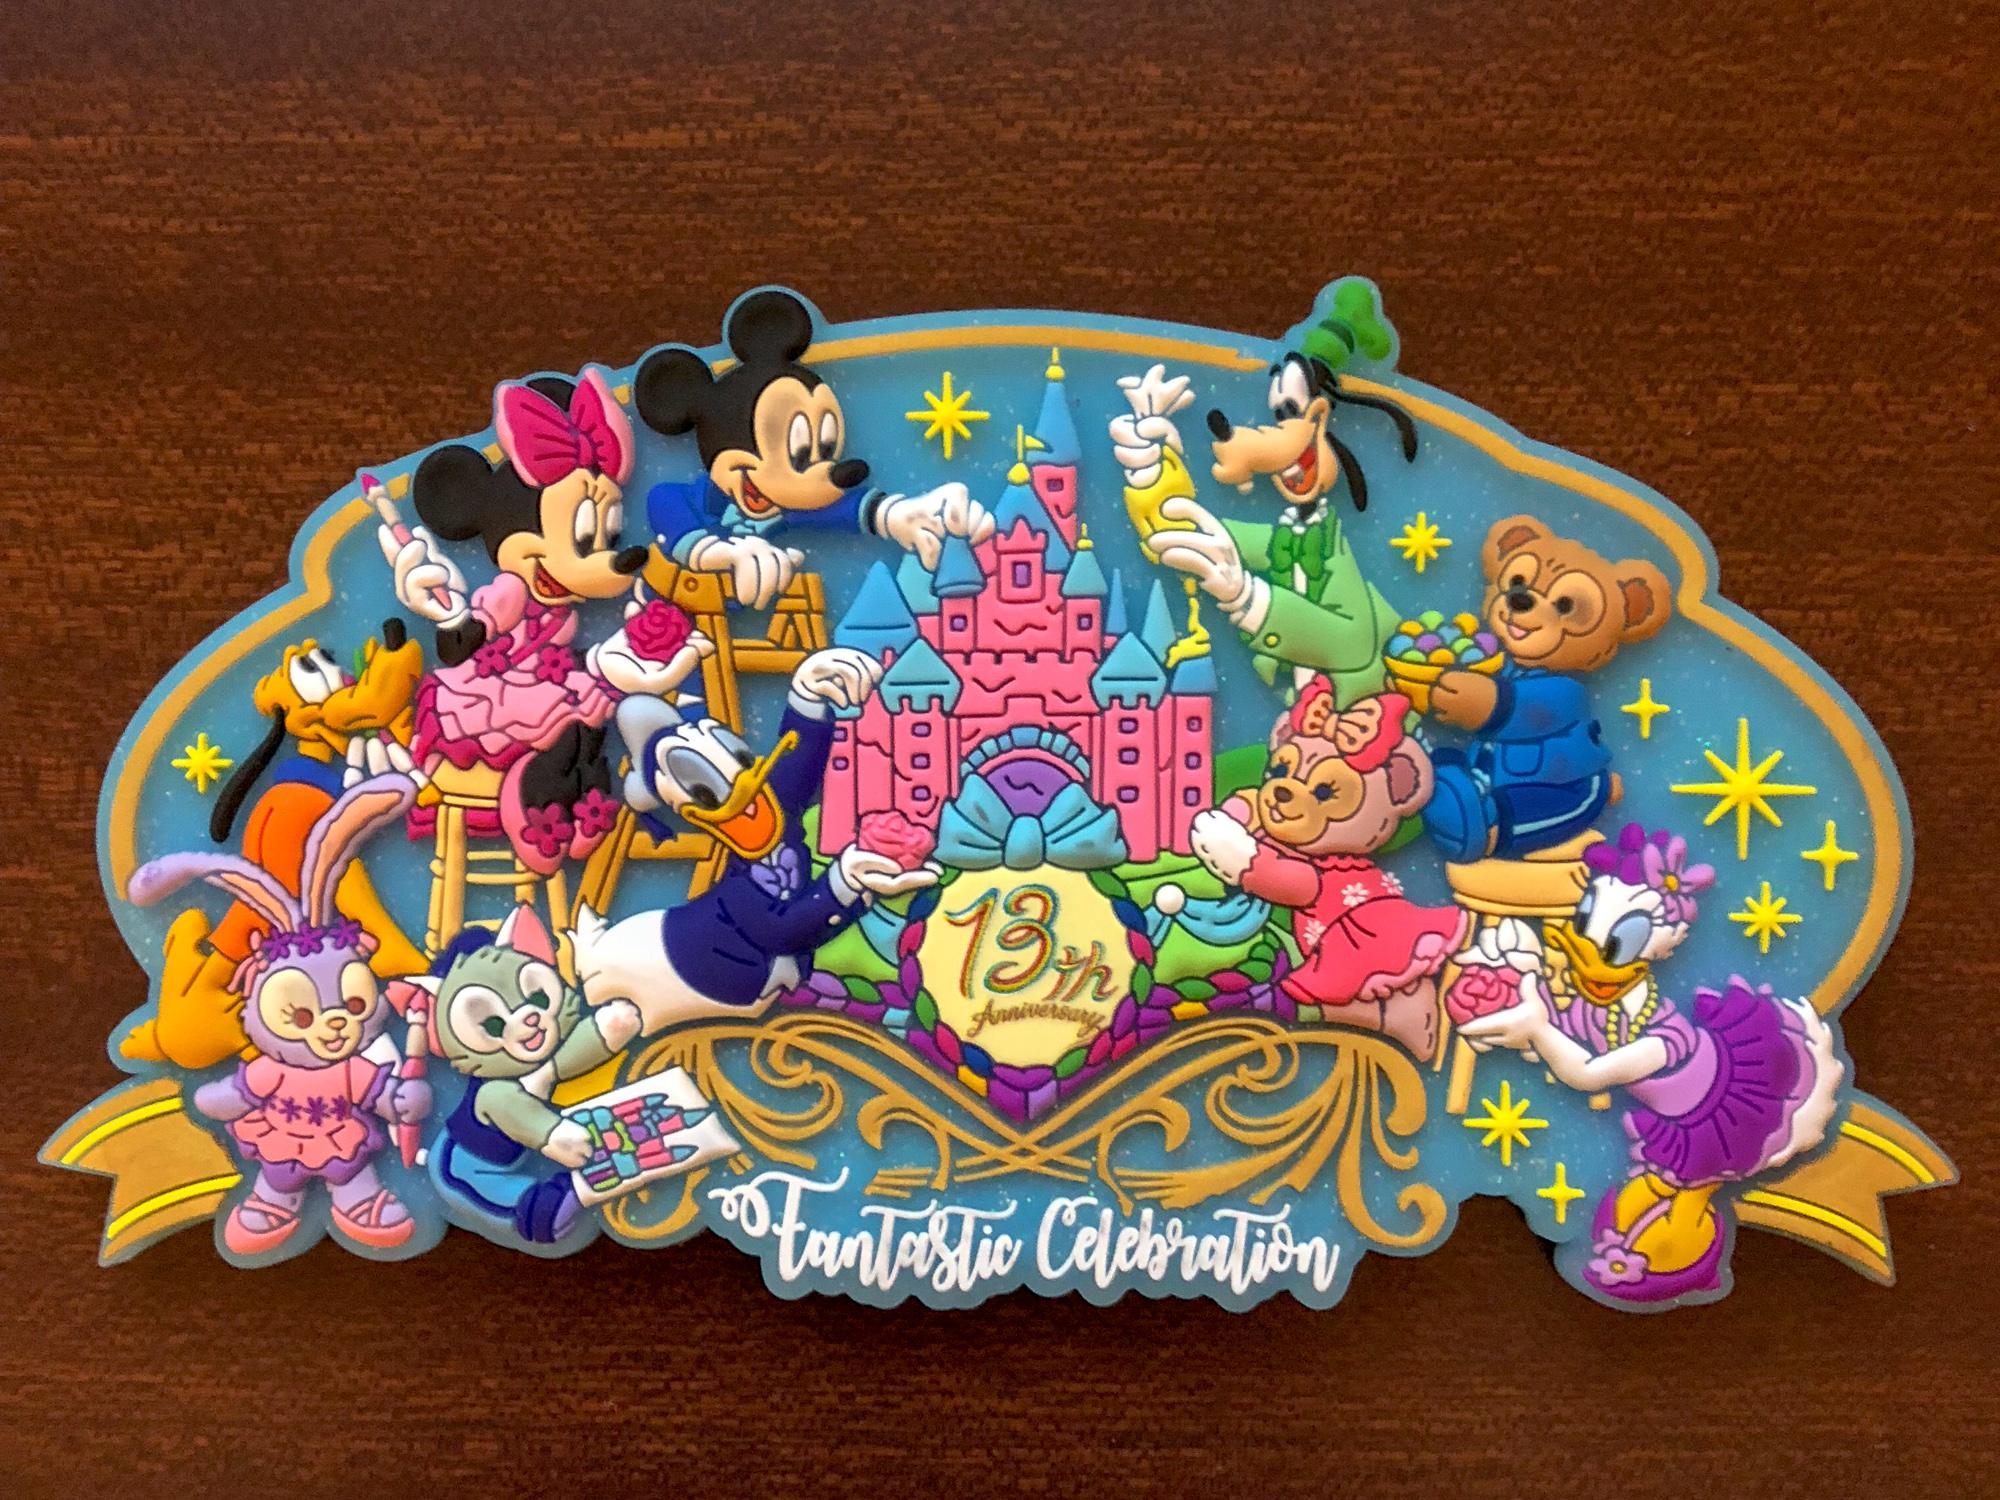 香港ディズニーランド、早くも13周年「fantastic celebration」グッズ